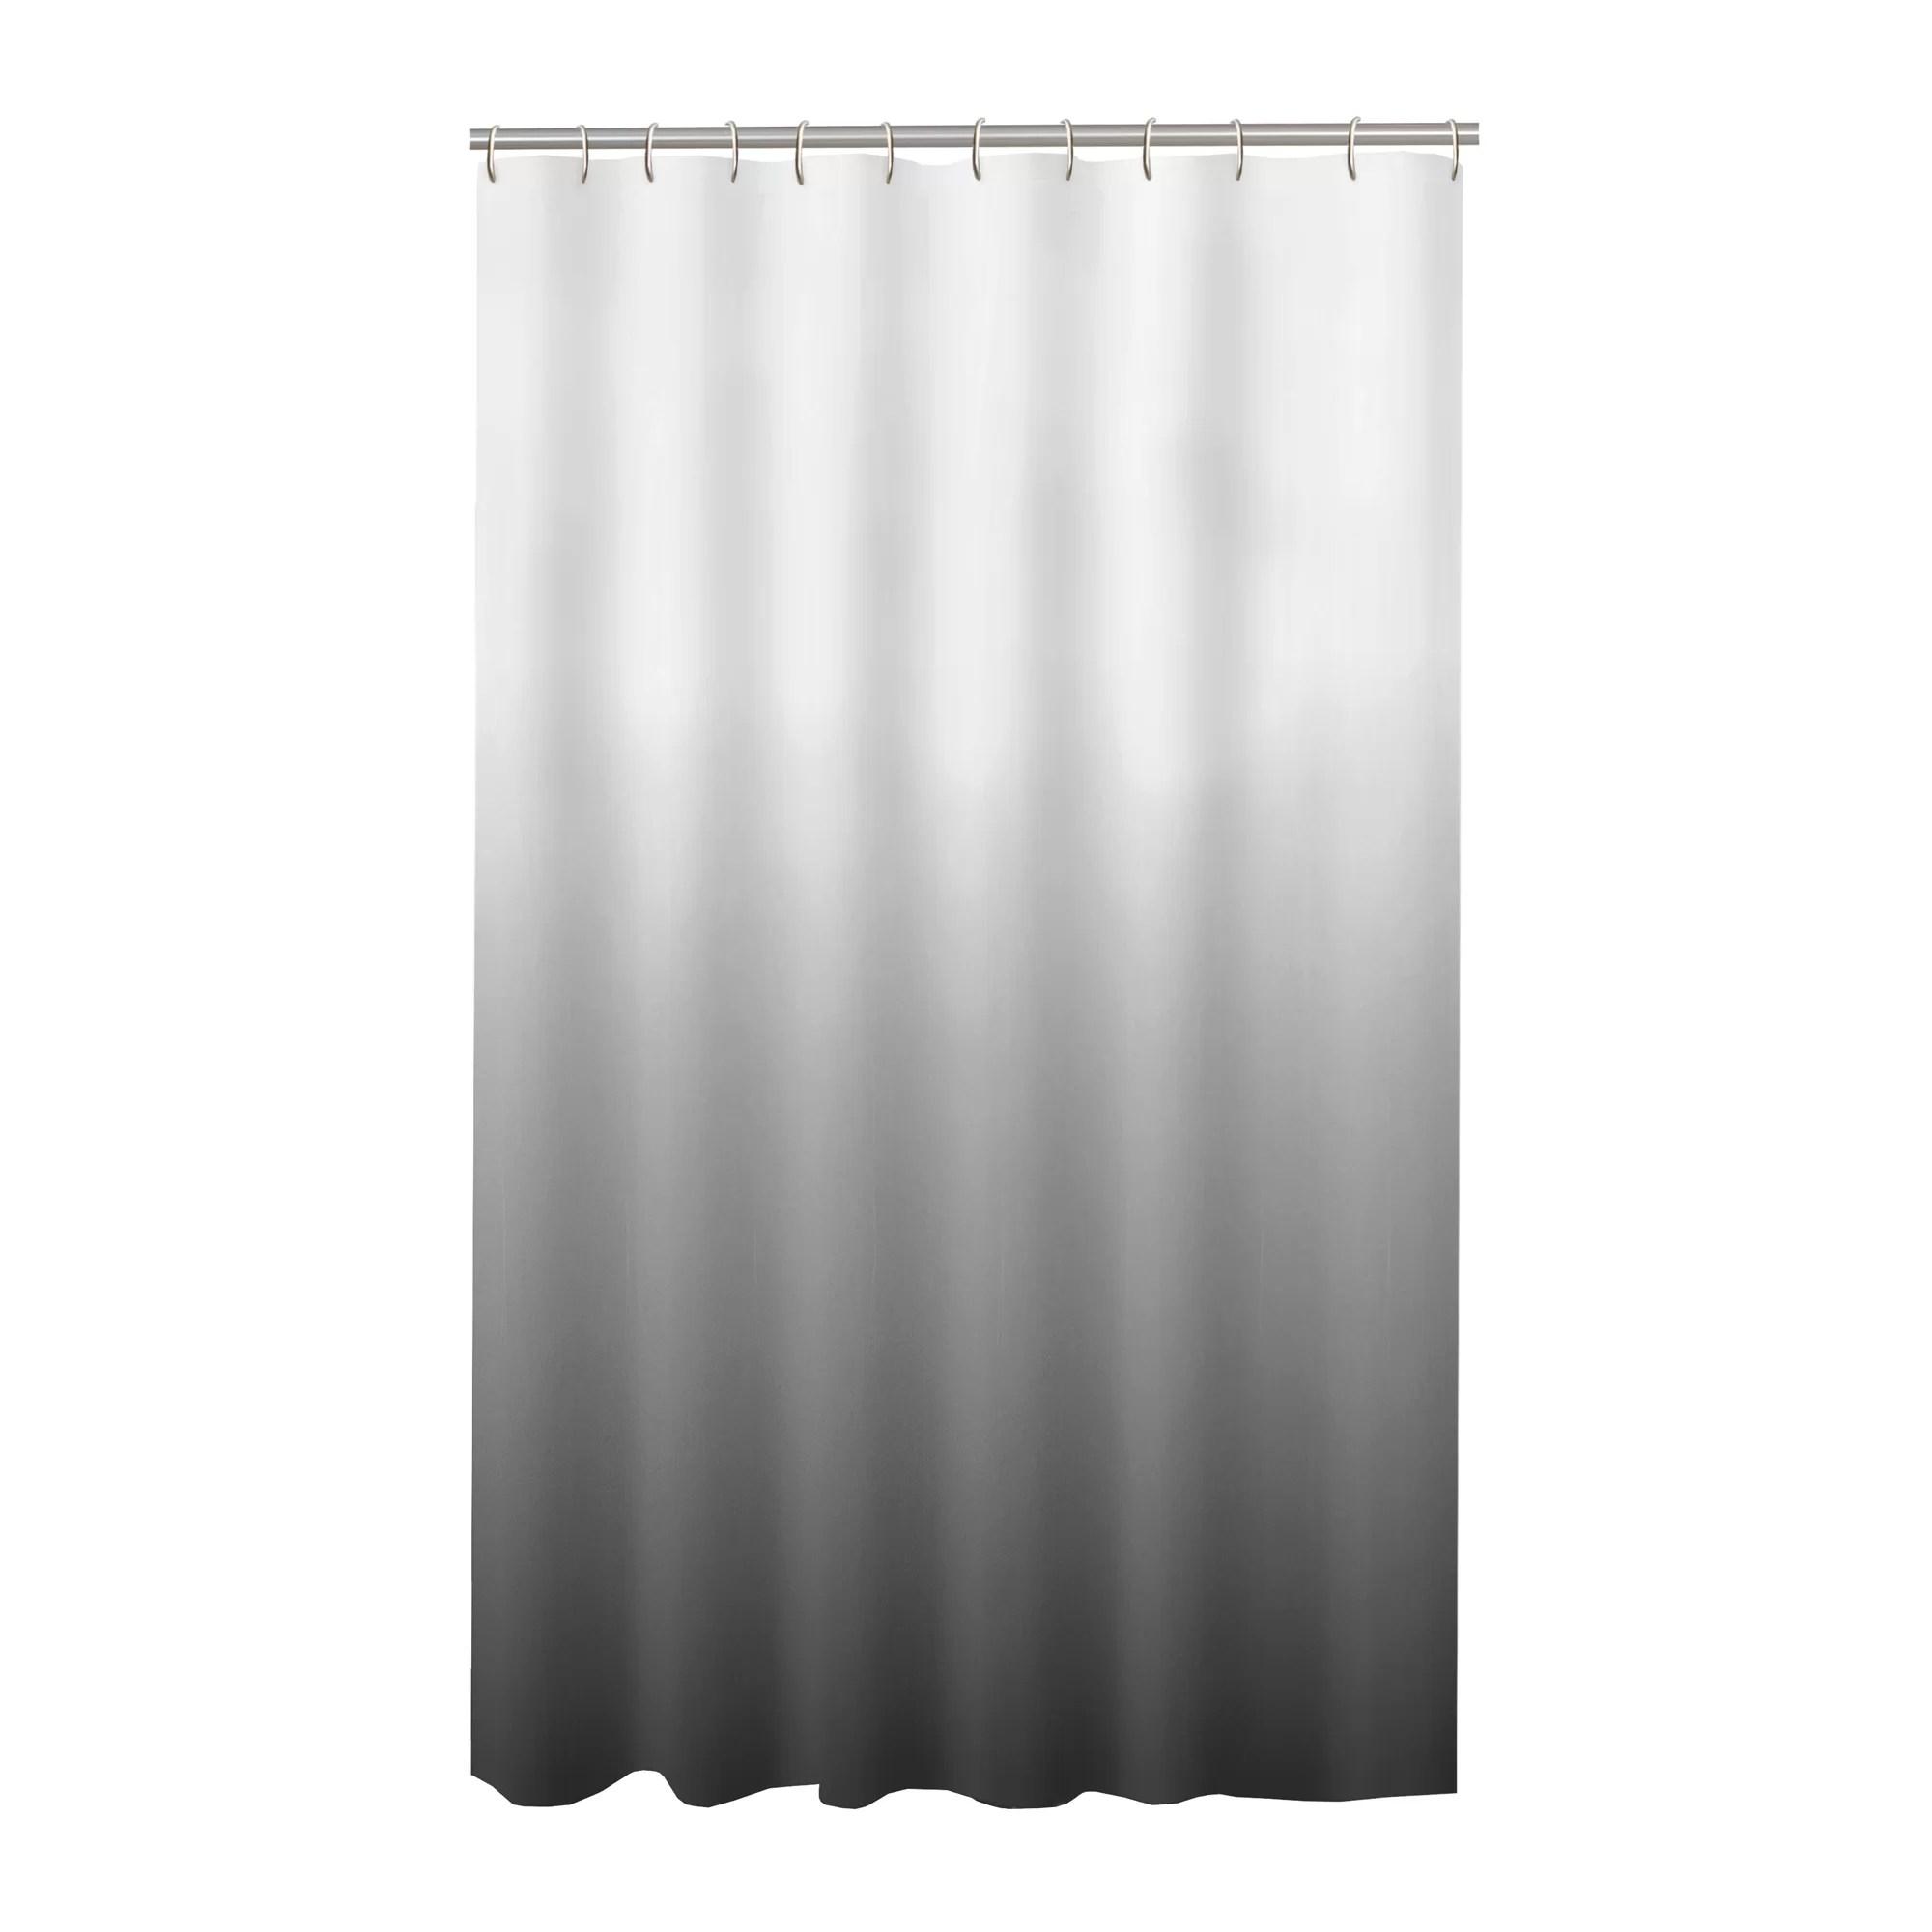 Maytex Happy PEVA Shower Curtain  Wayfair